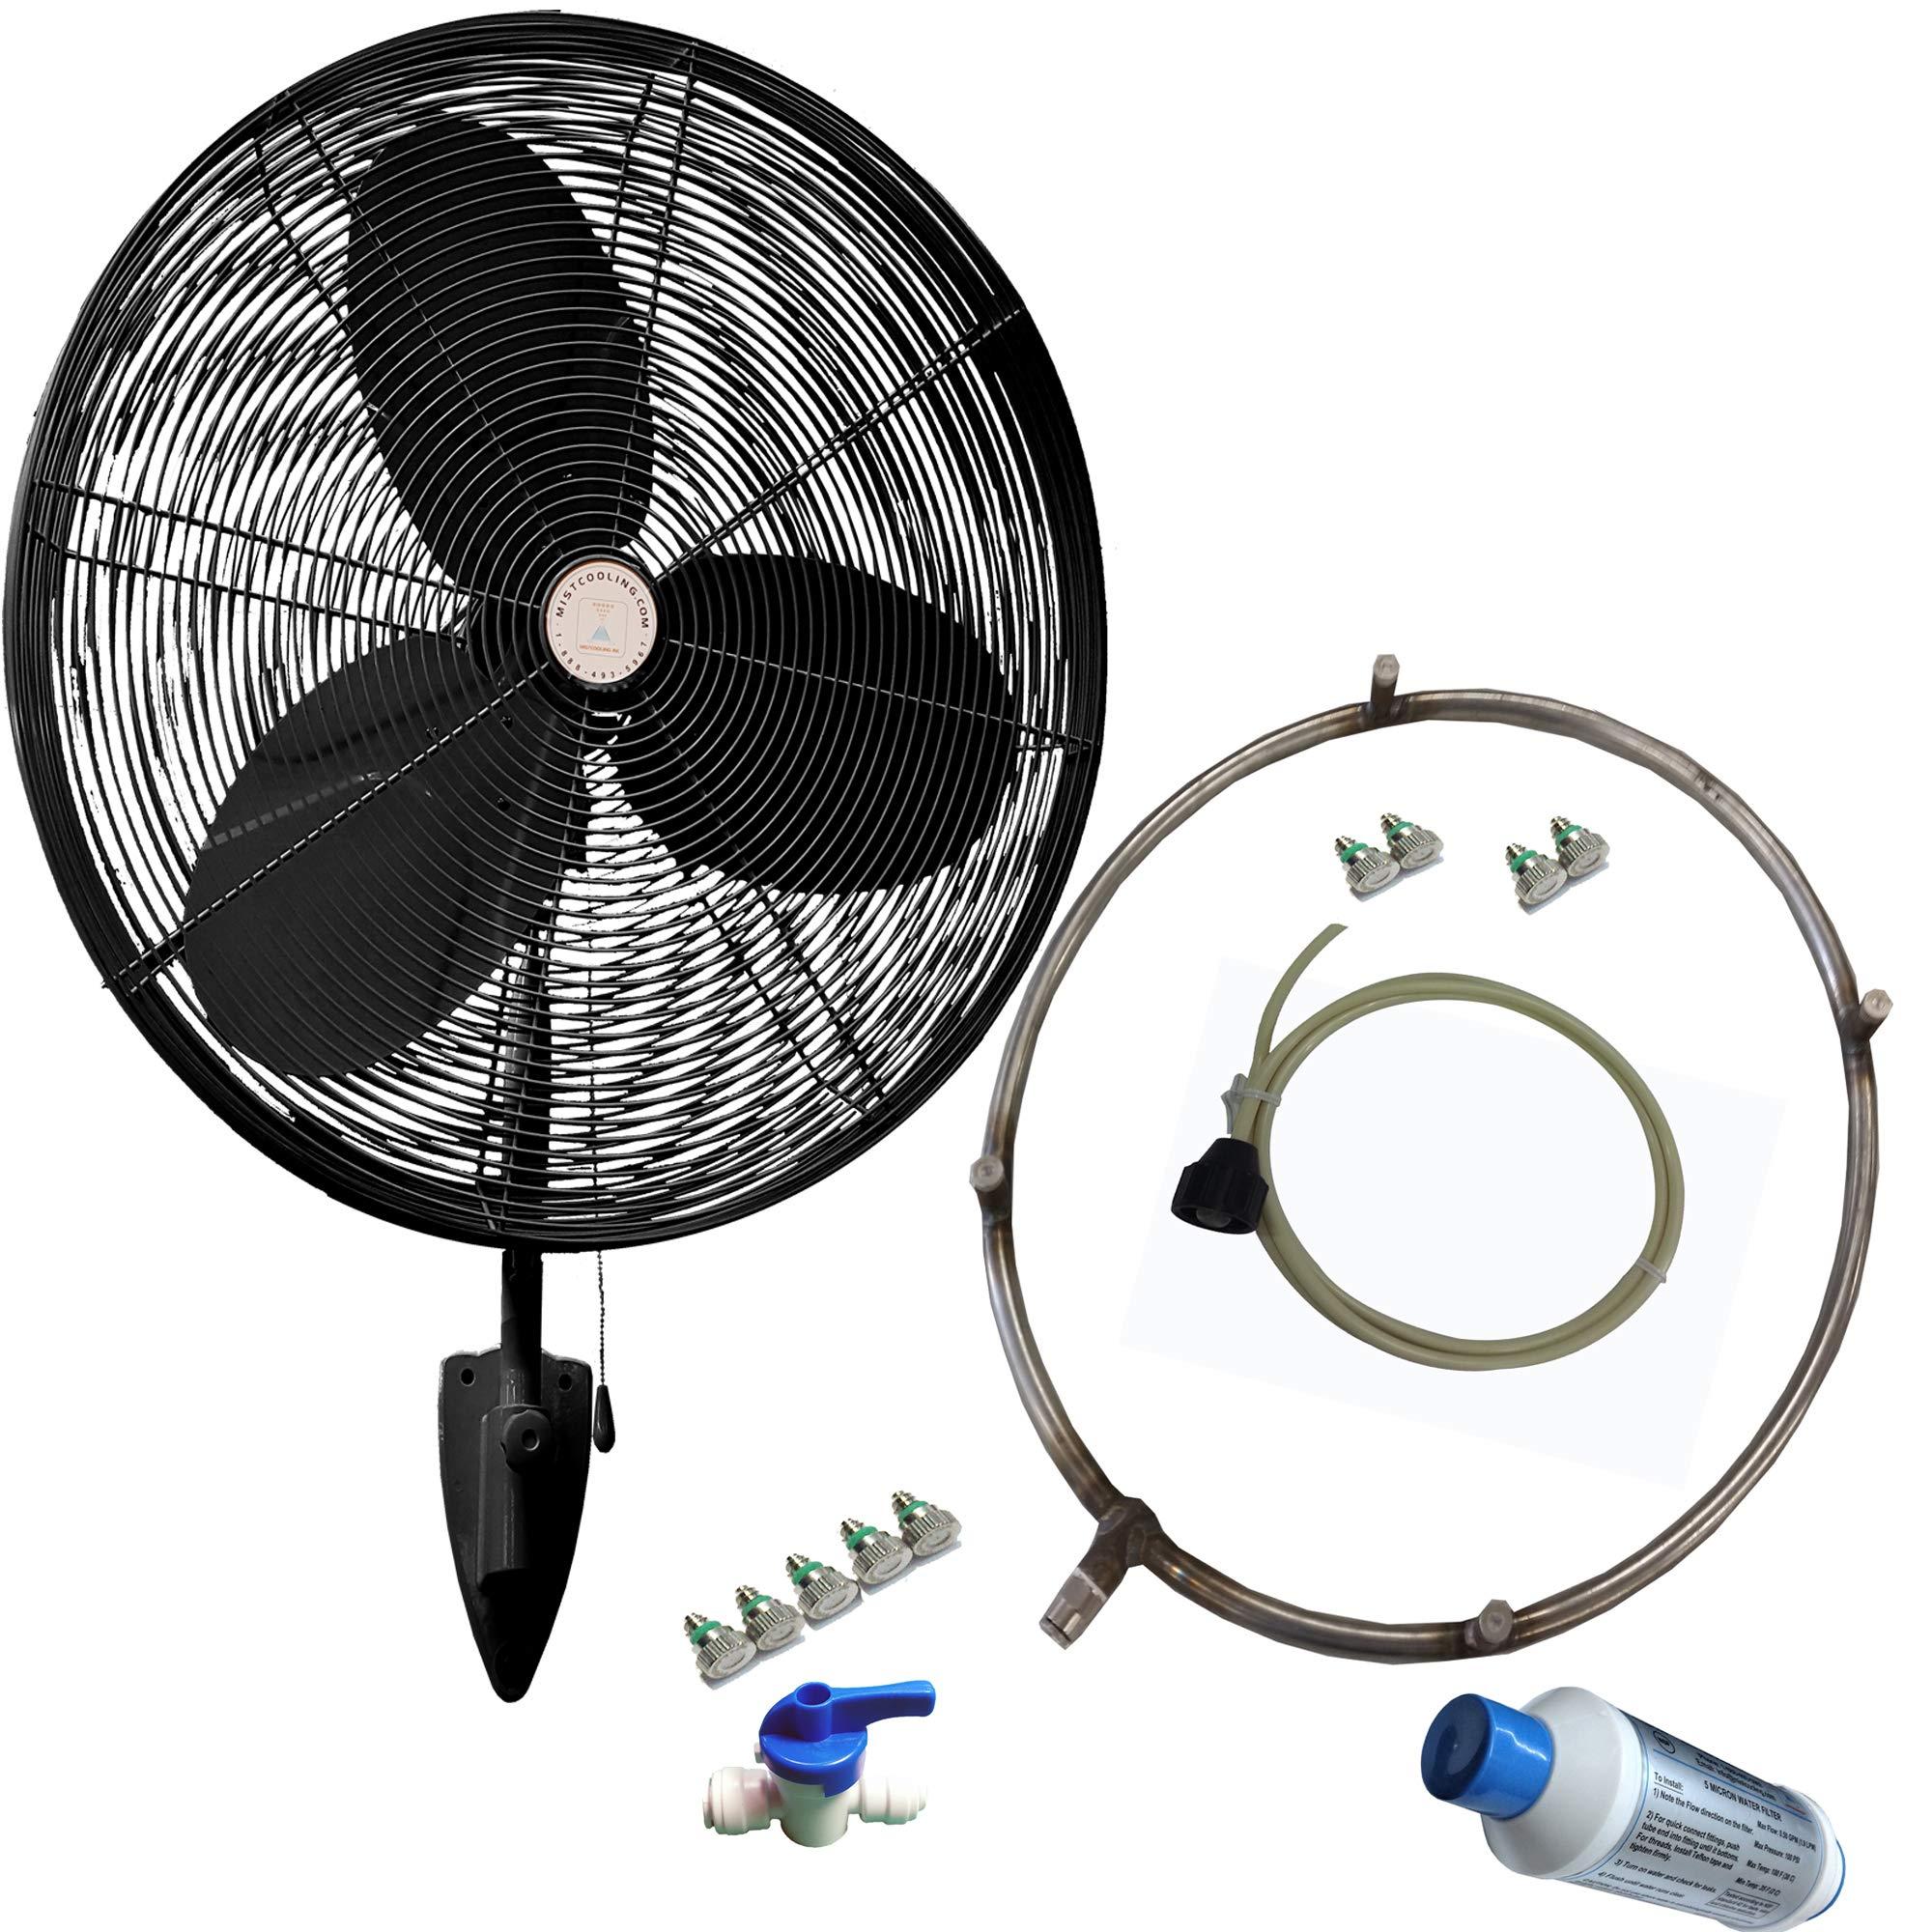 Outdoor Fan Industrial System Fan-Misting Fan - Patio Mist Fan - Outdoor Mist Fan - for Residential, Commercial, Restaurant and Industrial Misting Application (24 Inch Black Misting Fan) by mistcooling